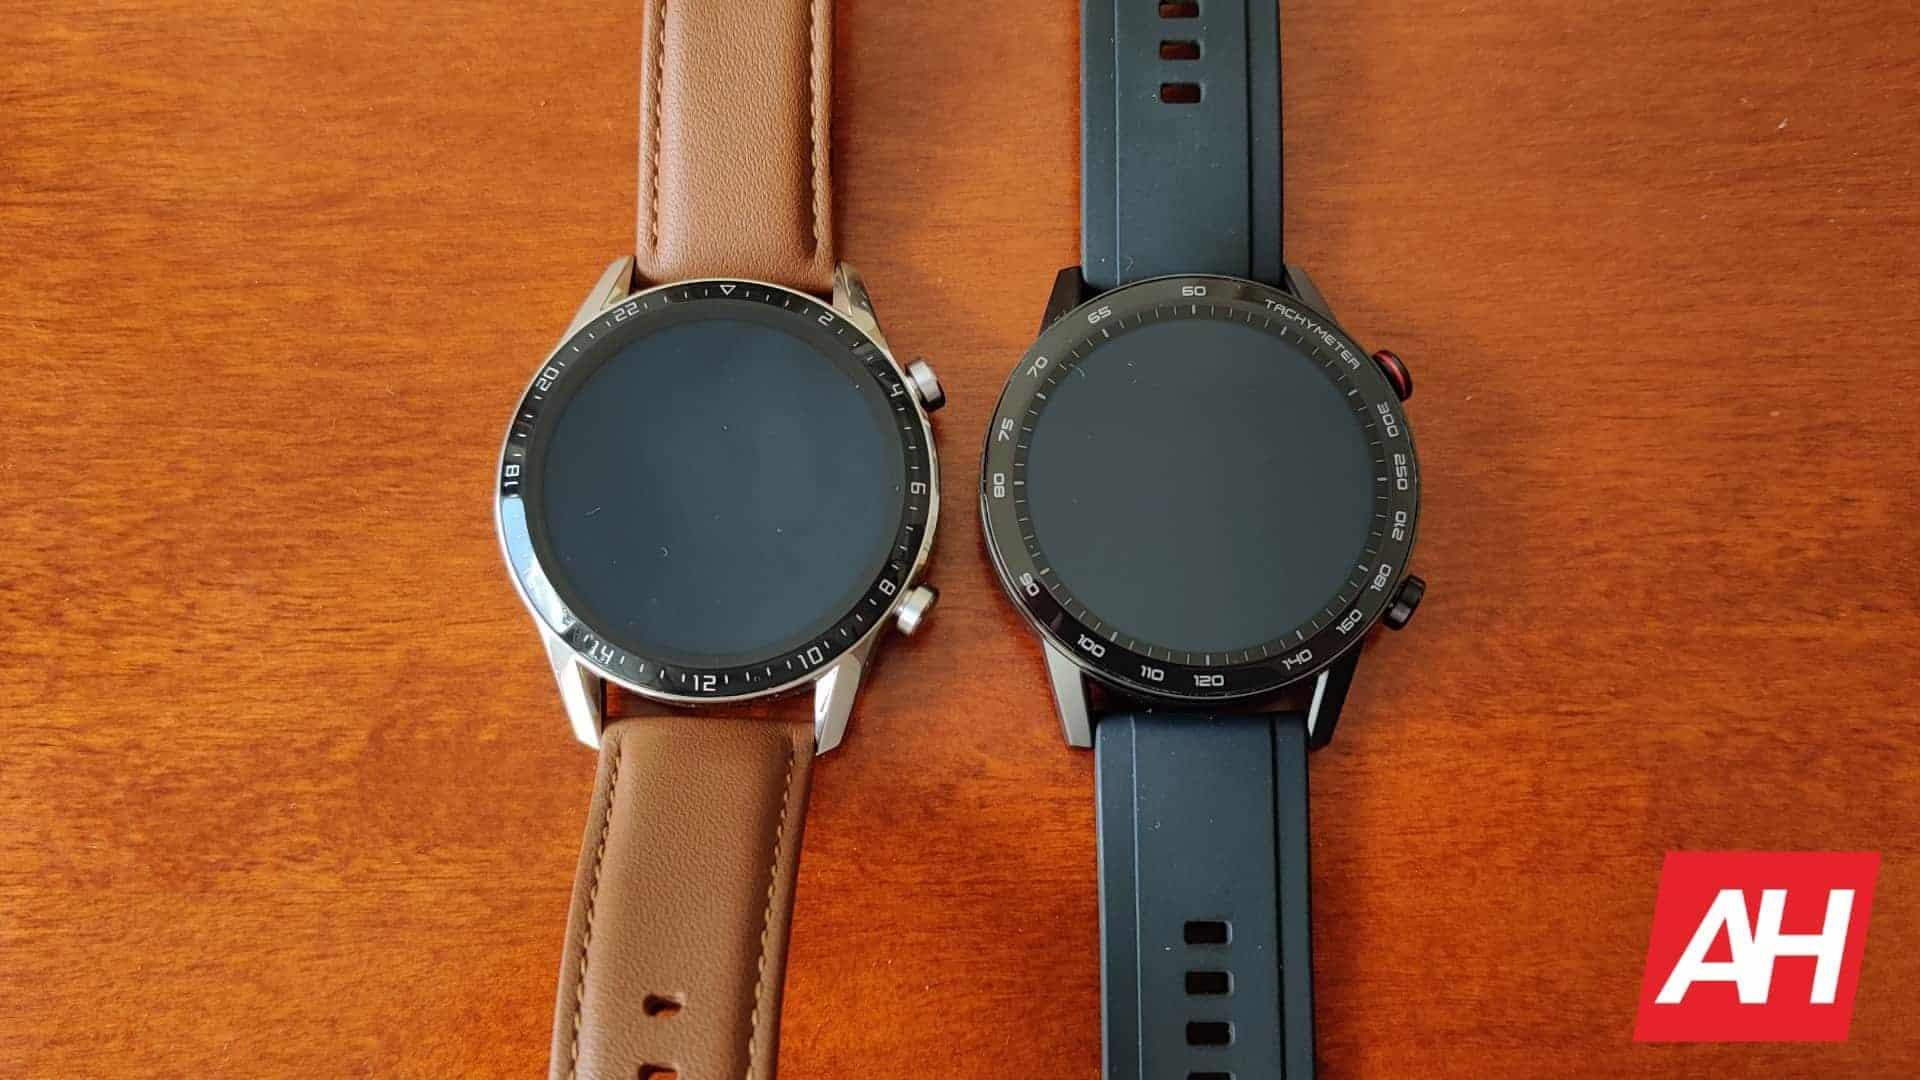 AH Huawei Watch GT 2 vs HONOR MagicWatch 2 image 2